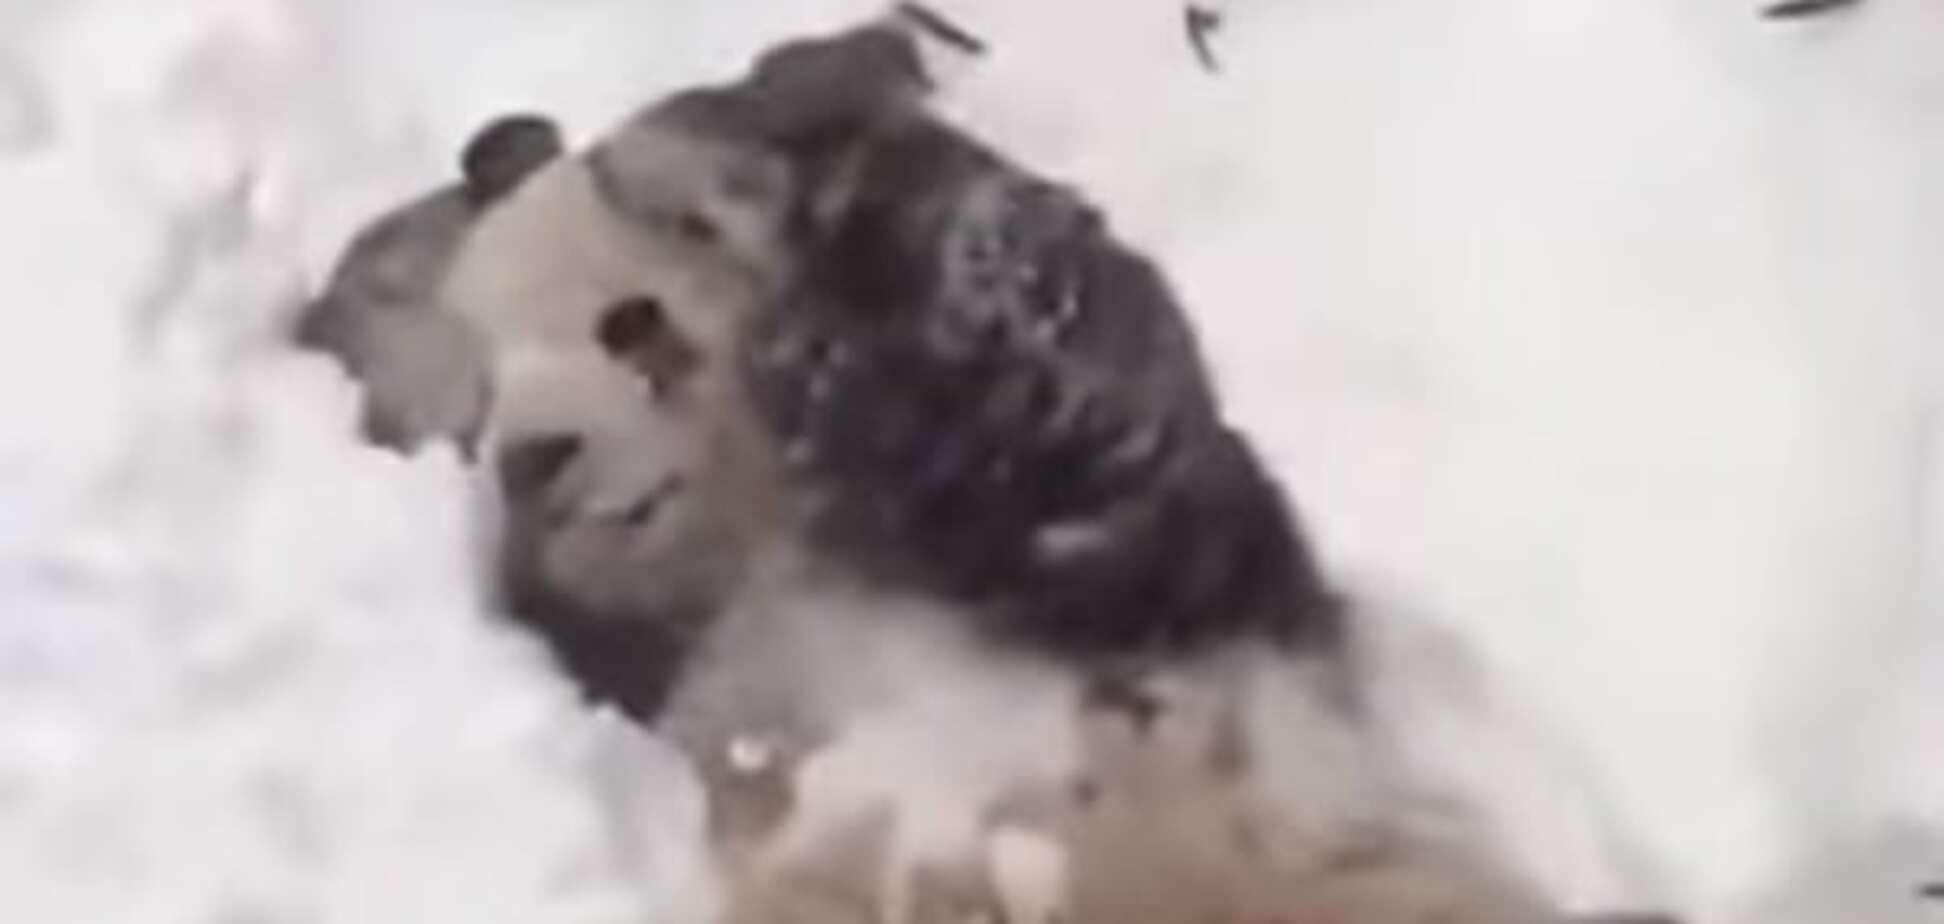 Панда пришла в восторг от снежной бури в США: видеофакт